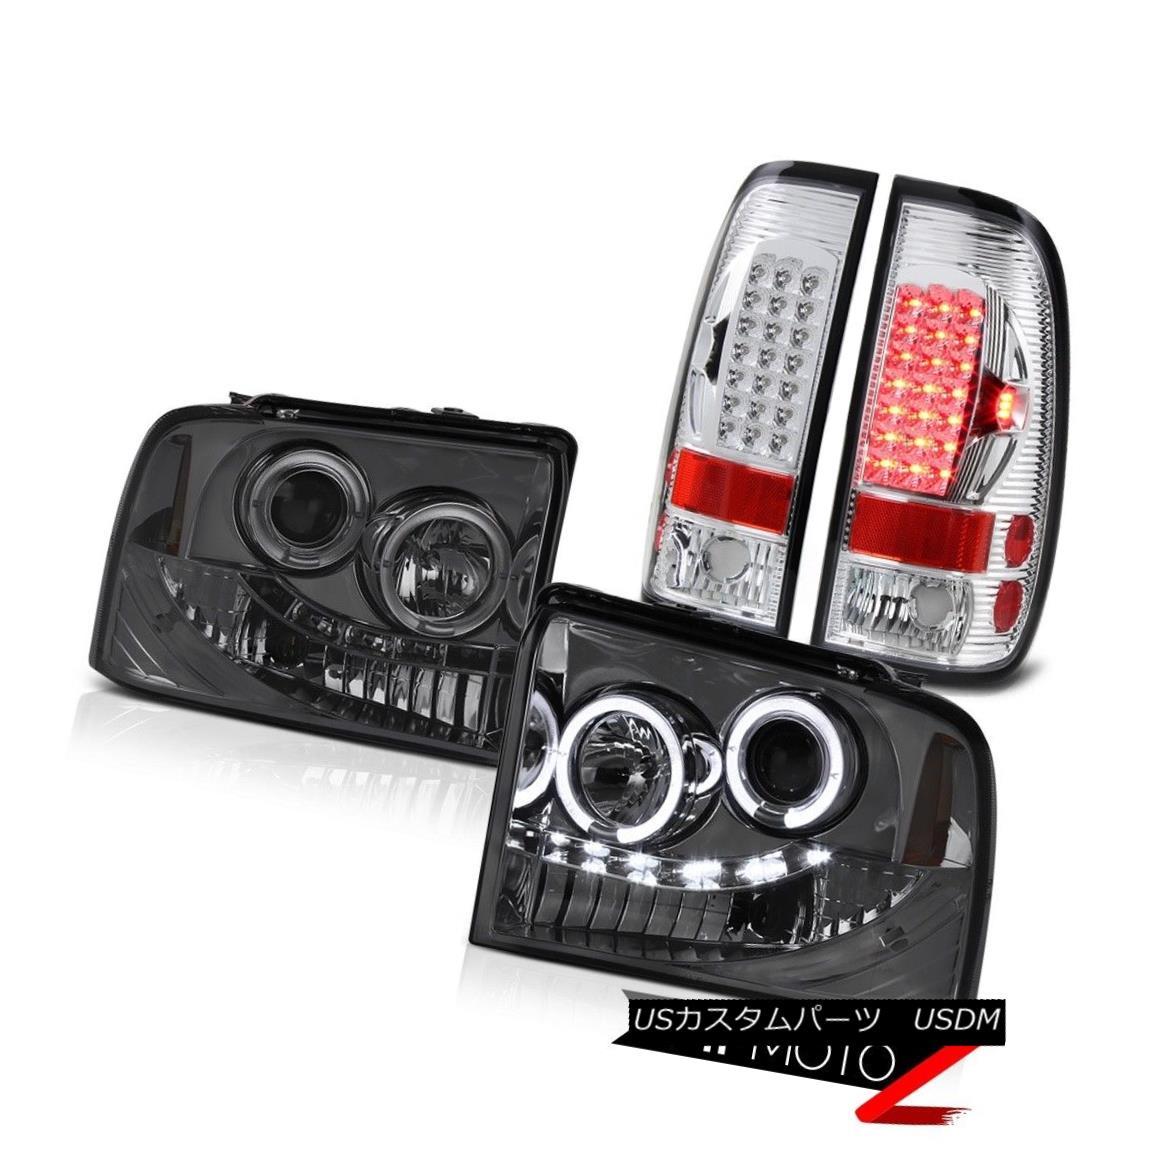 テールライト Smoke Projector Headlights Halo LED Taillamps Chrome Ford F350 Lariat 2005-2007 スモークプロジェクターヘッドライトHalo LEDトライアングルChrome Ford F350 Lariat 2005-2007